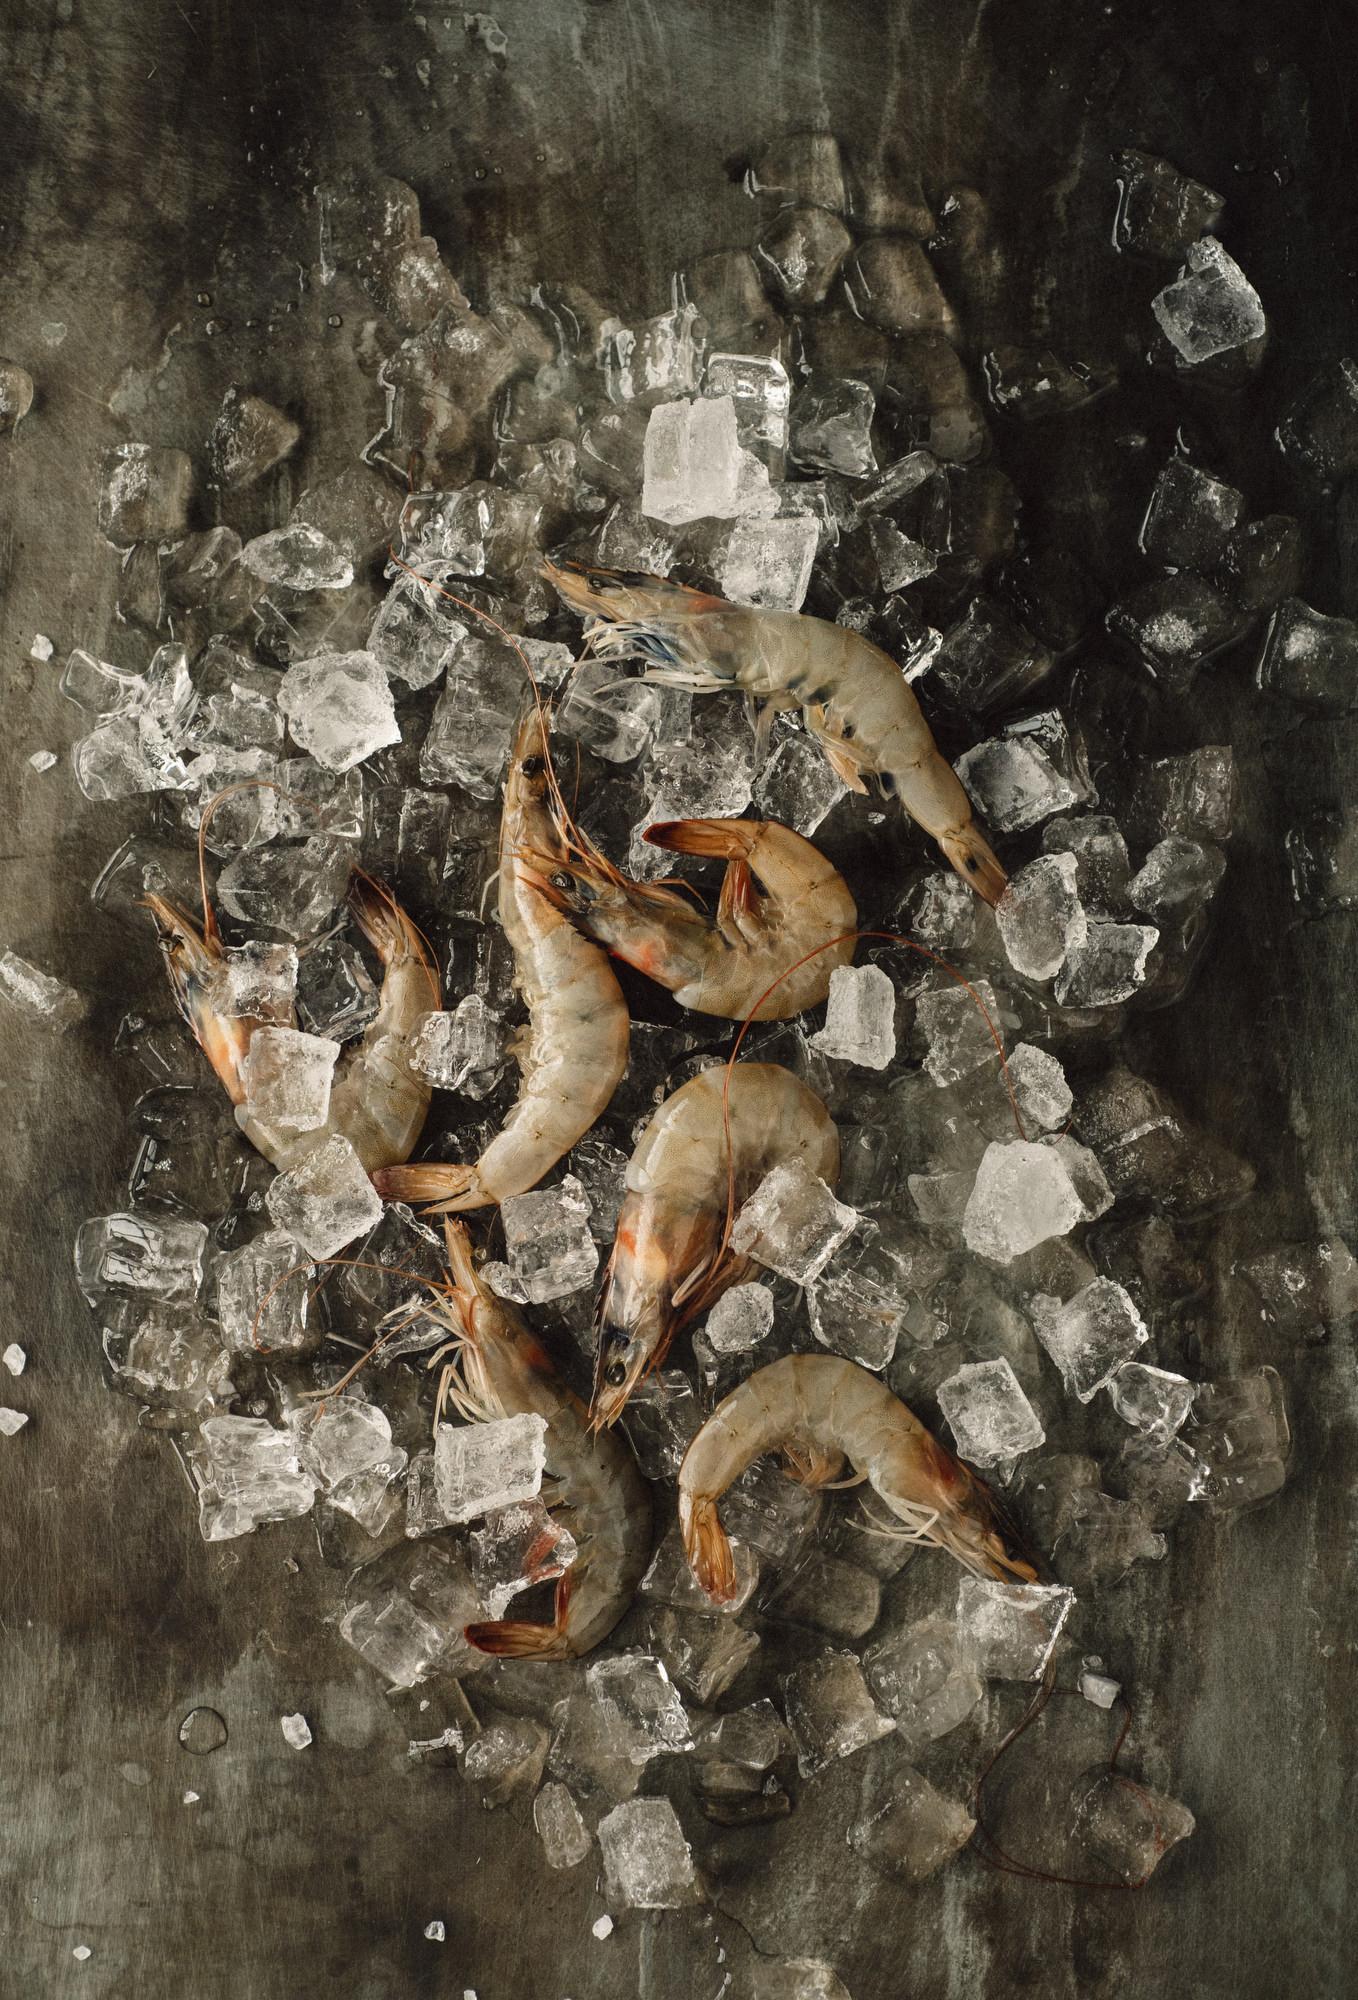 Shrimp003WEB.JPG